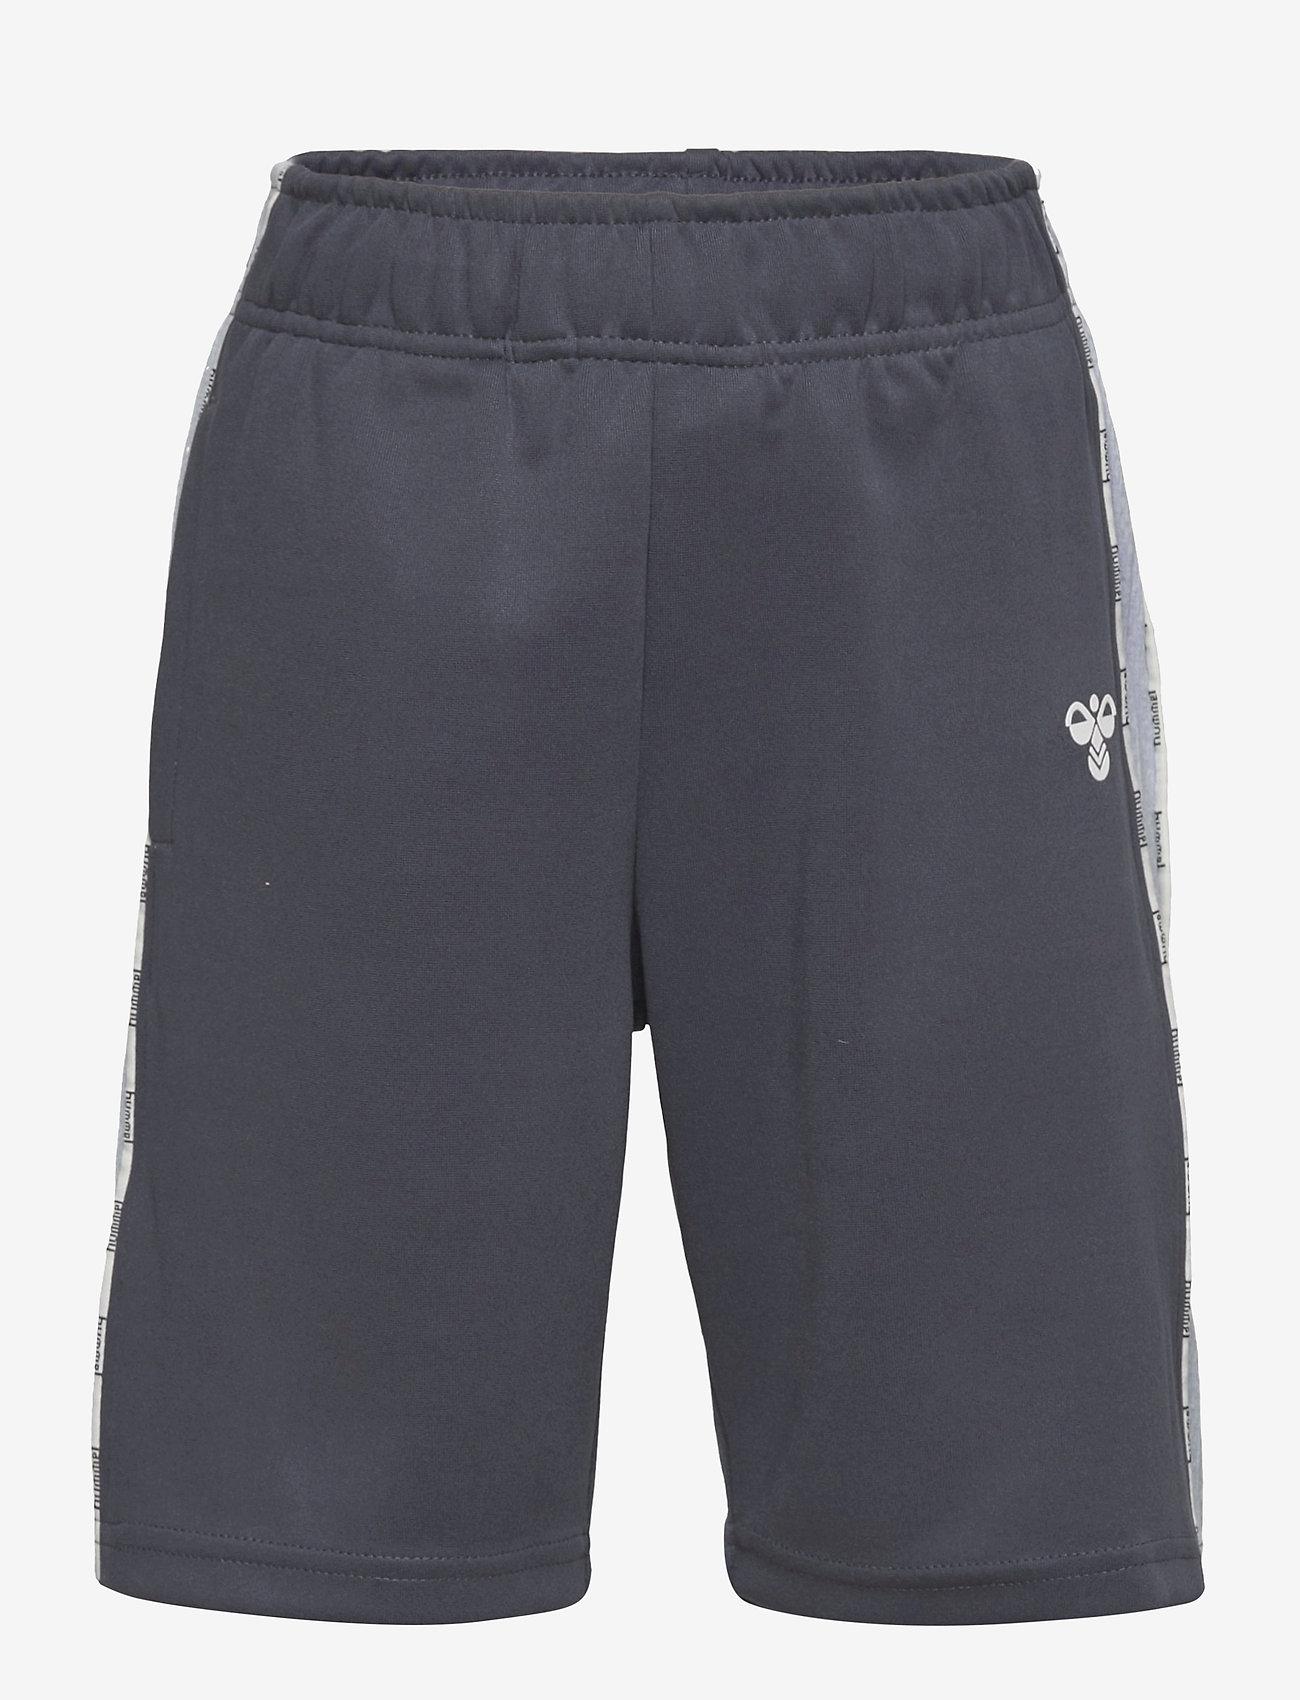 Hummel - hmlJOBSE SHORTS - shorts - ombre blue - 0